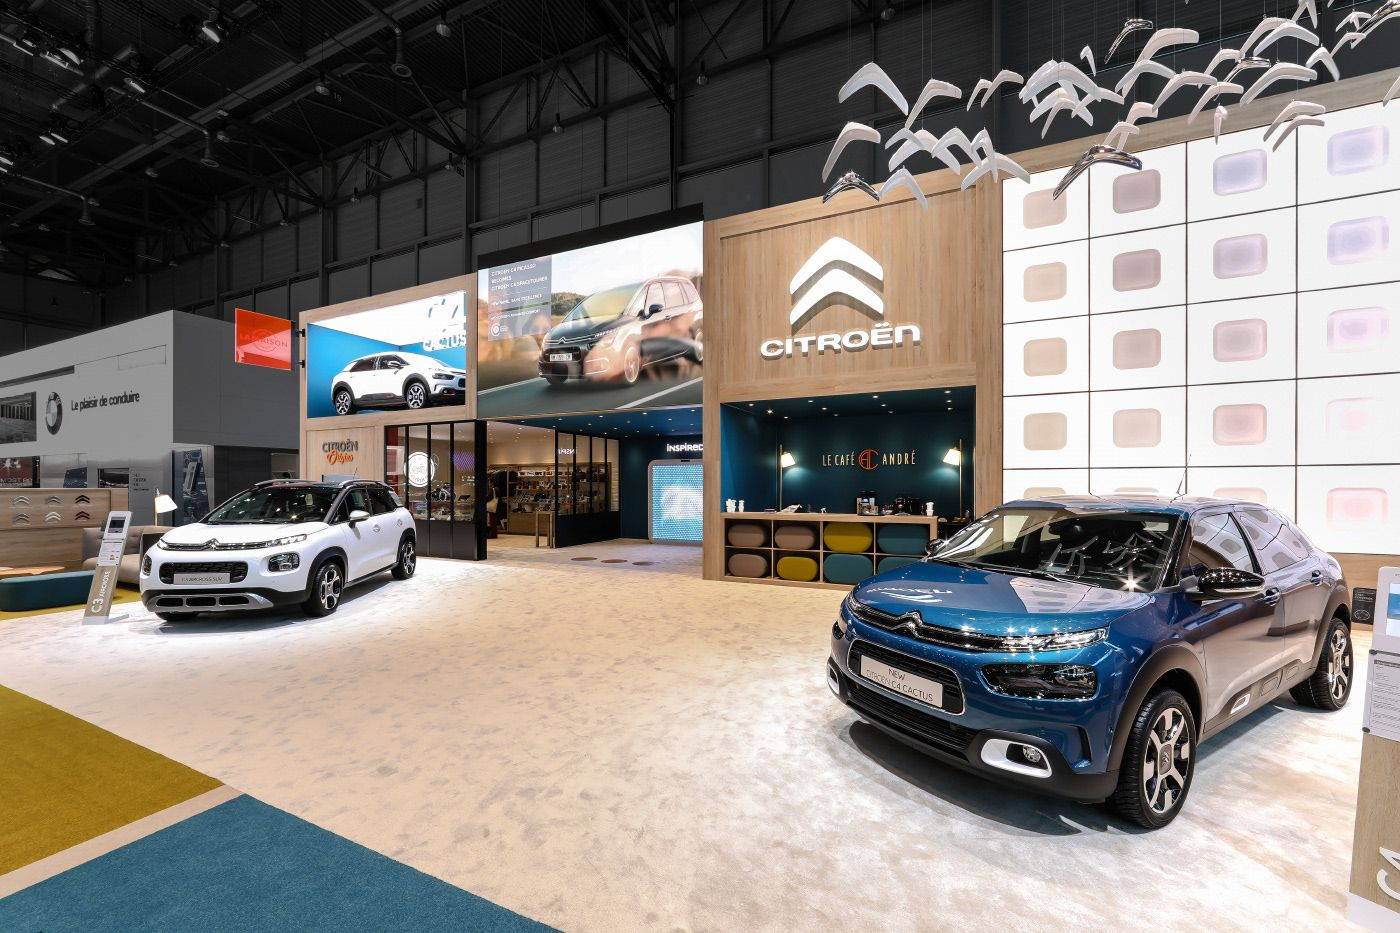 Citroen GIMS 2018 on Behance Exhibition, Booth design, Car